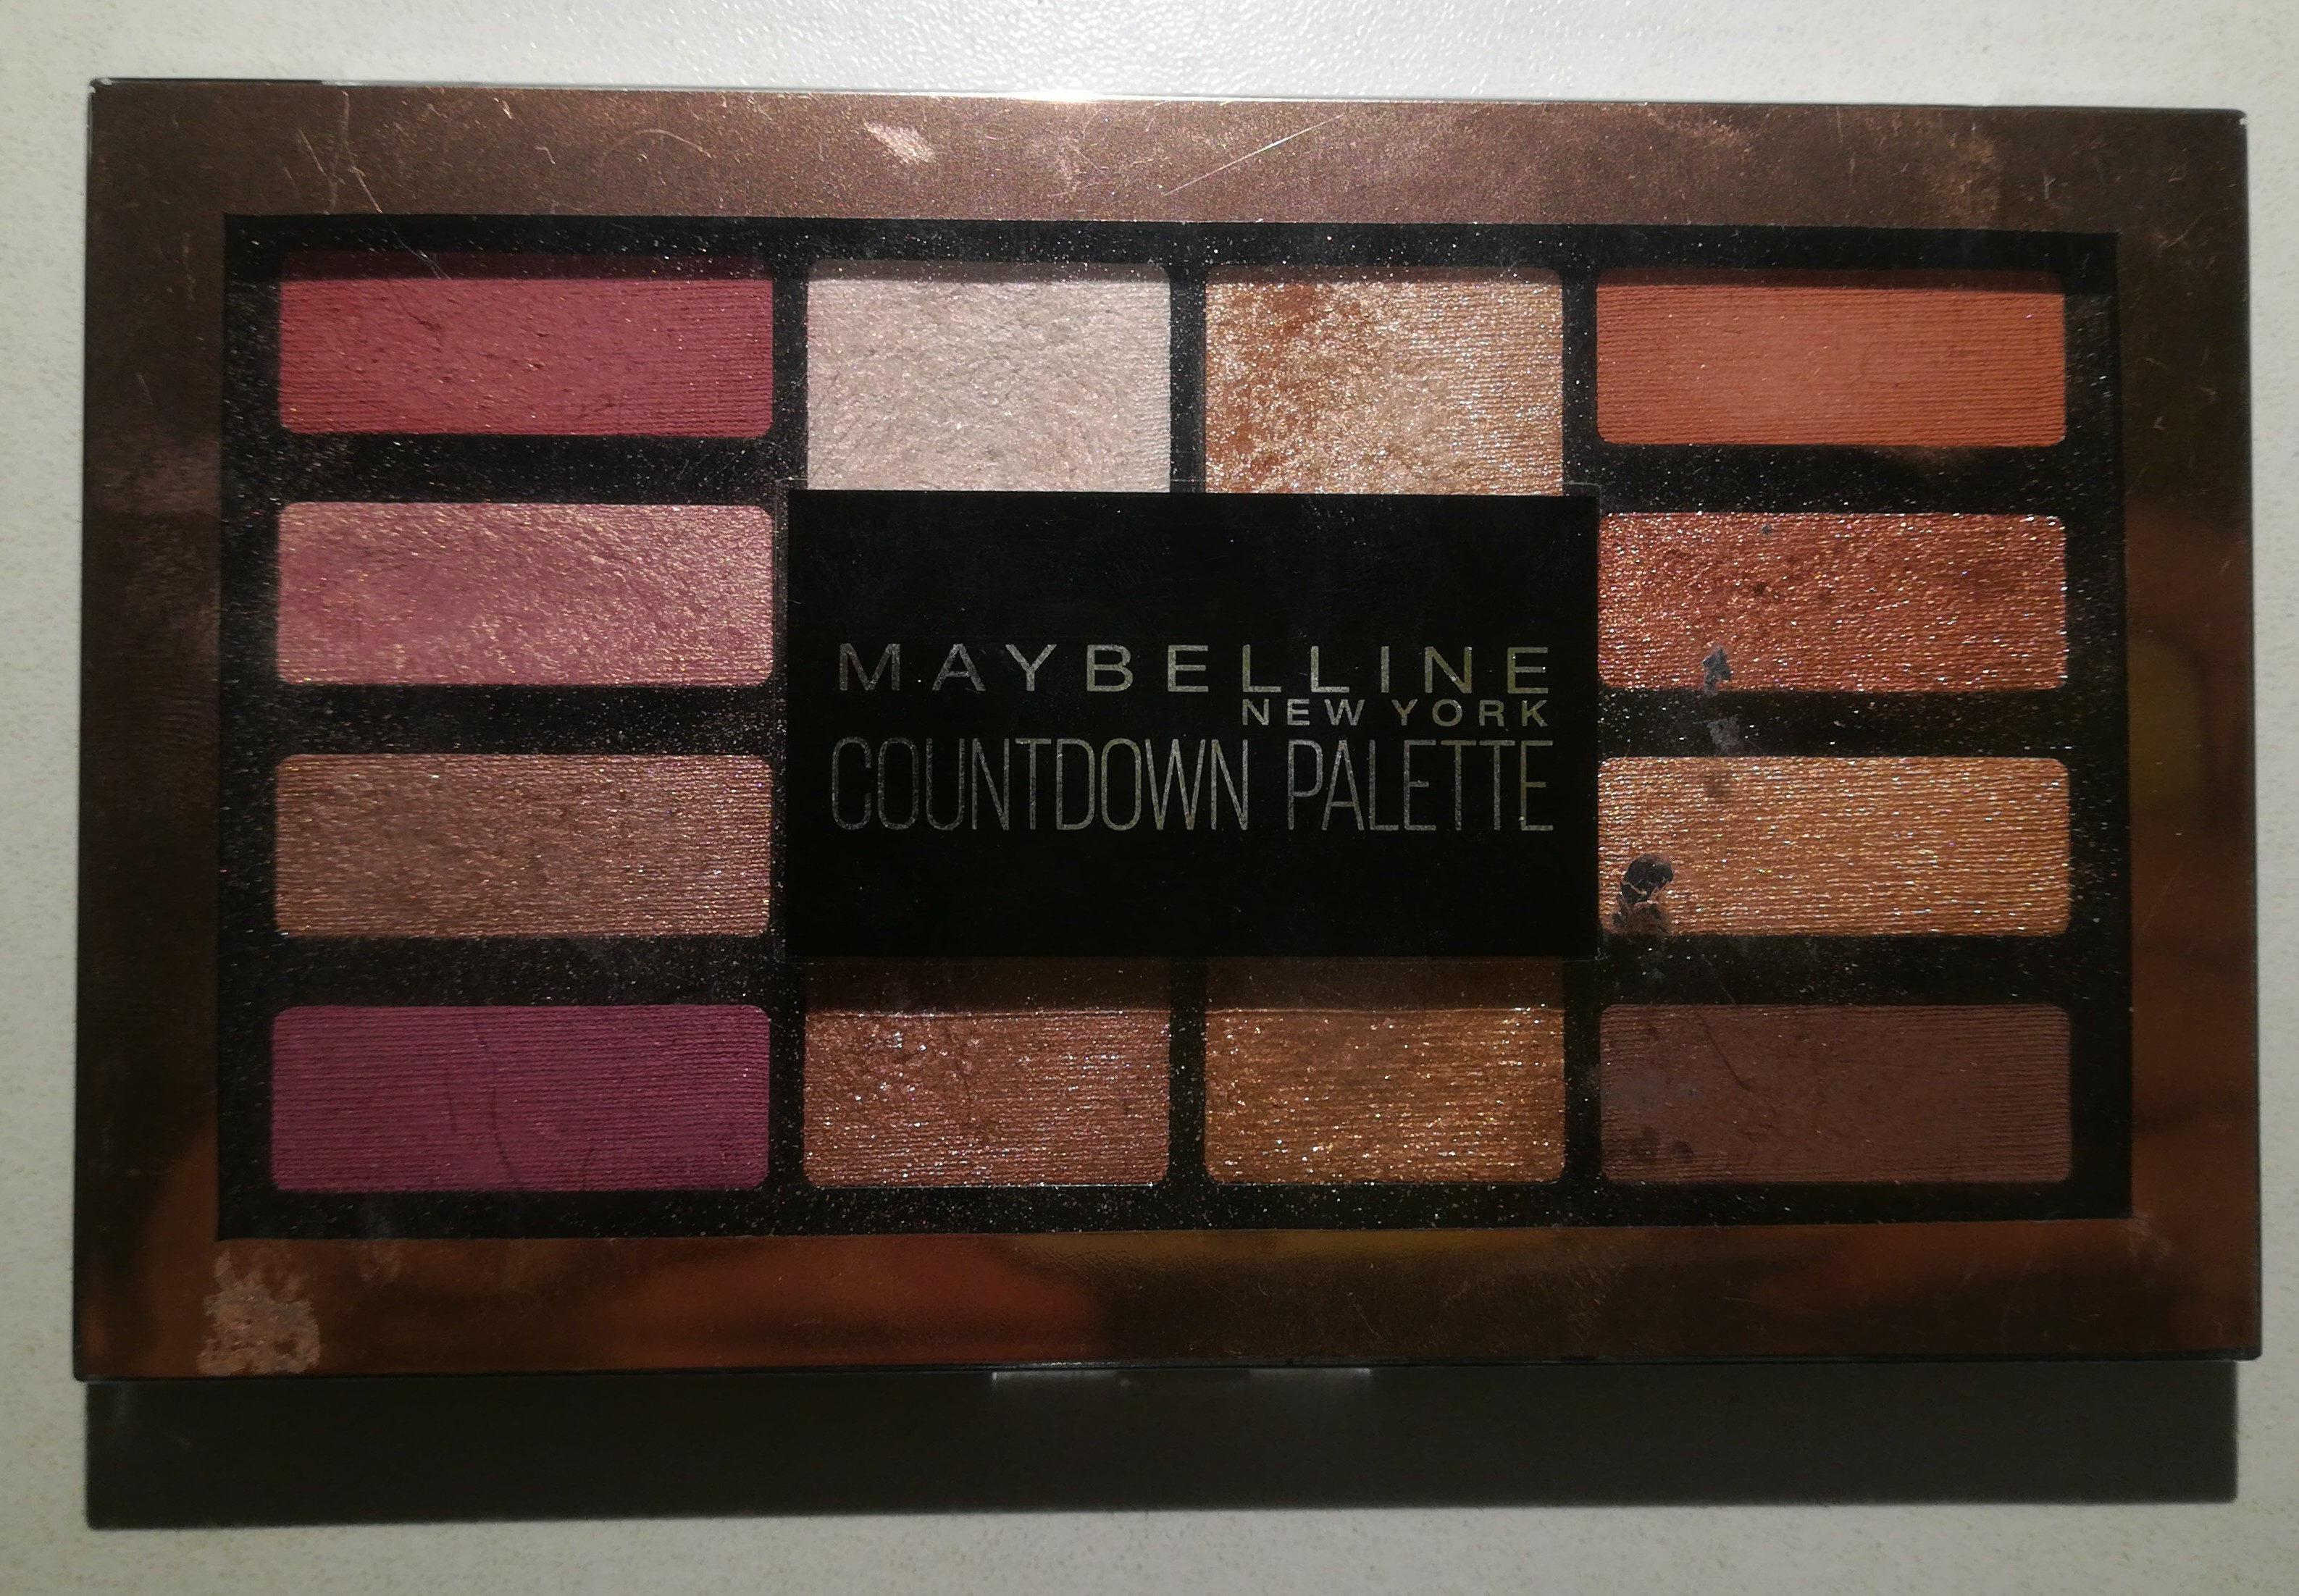 Countdown eyeshadow palette - Product - en